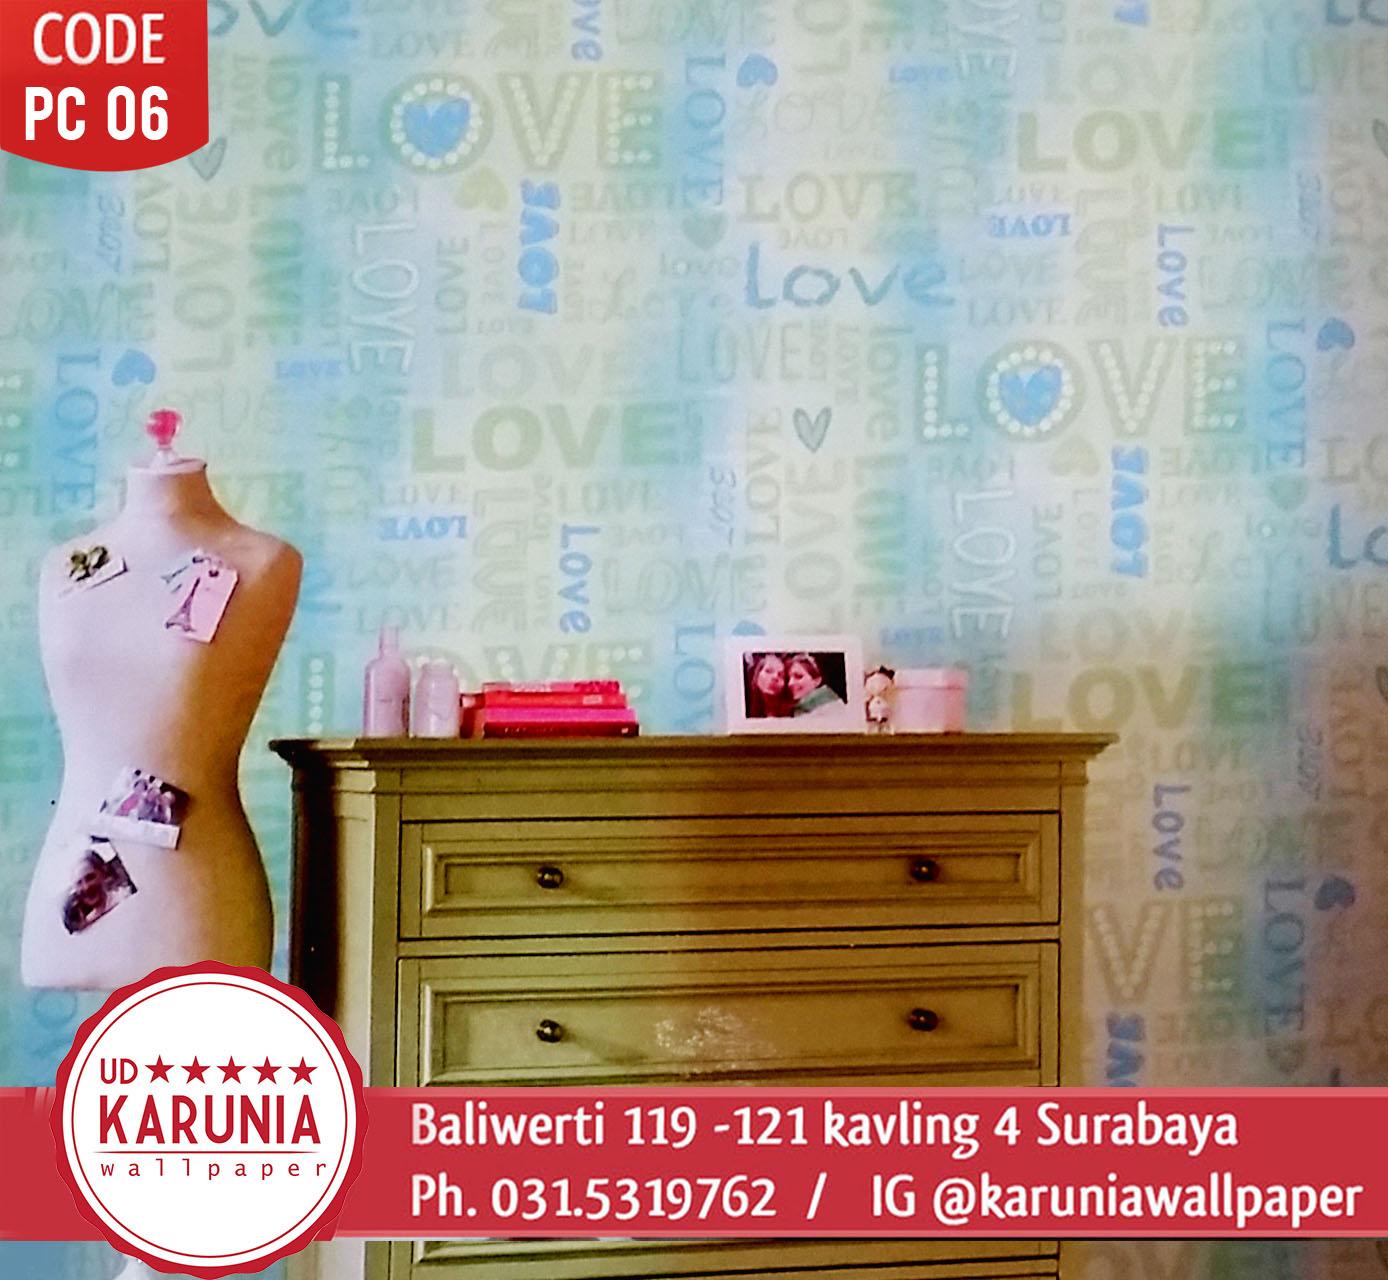 toko wallpaper dinding karunia baliwerti surabaya